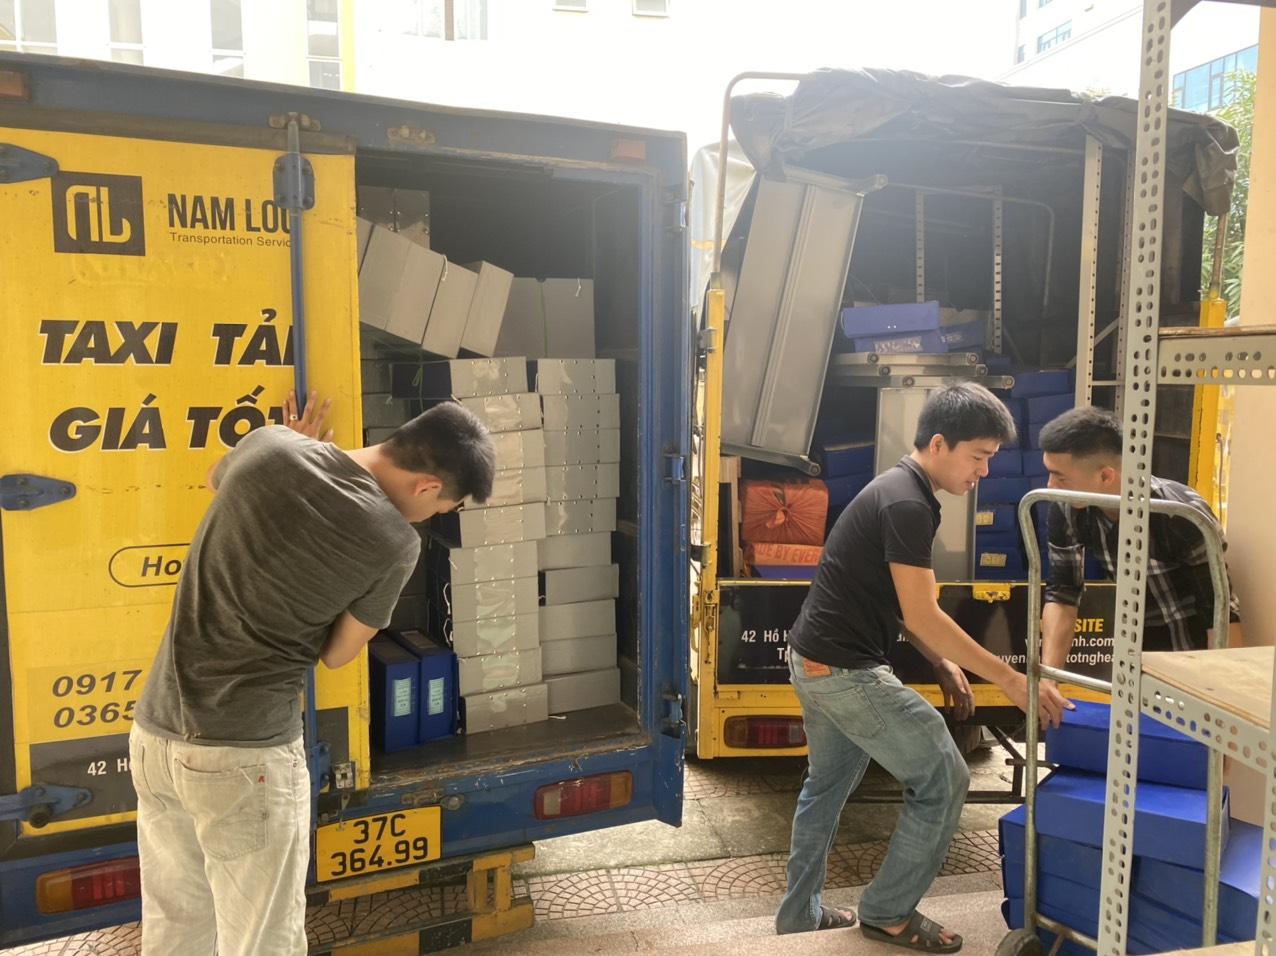 Một số lợi ích của dịch vụ chuyển nhà giá rẻ tại Vinh - Nghệ An